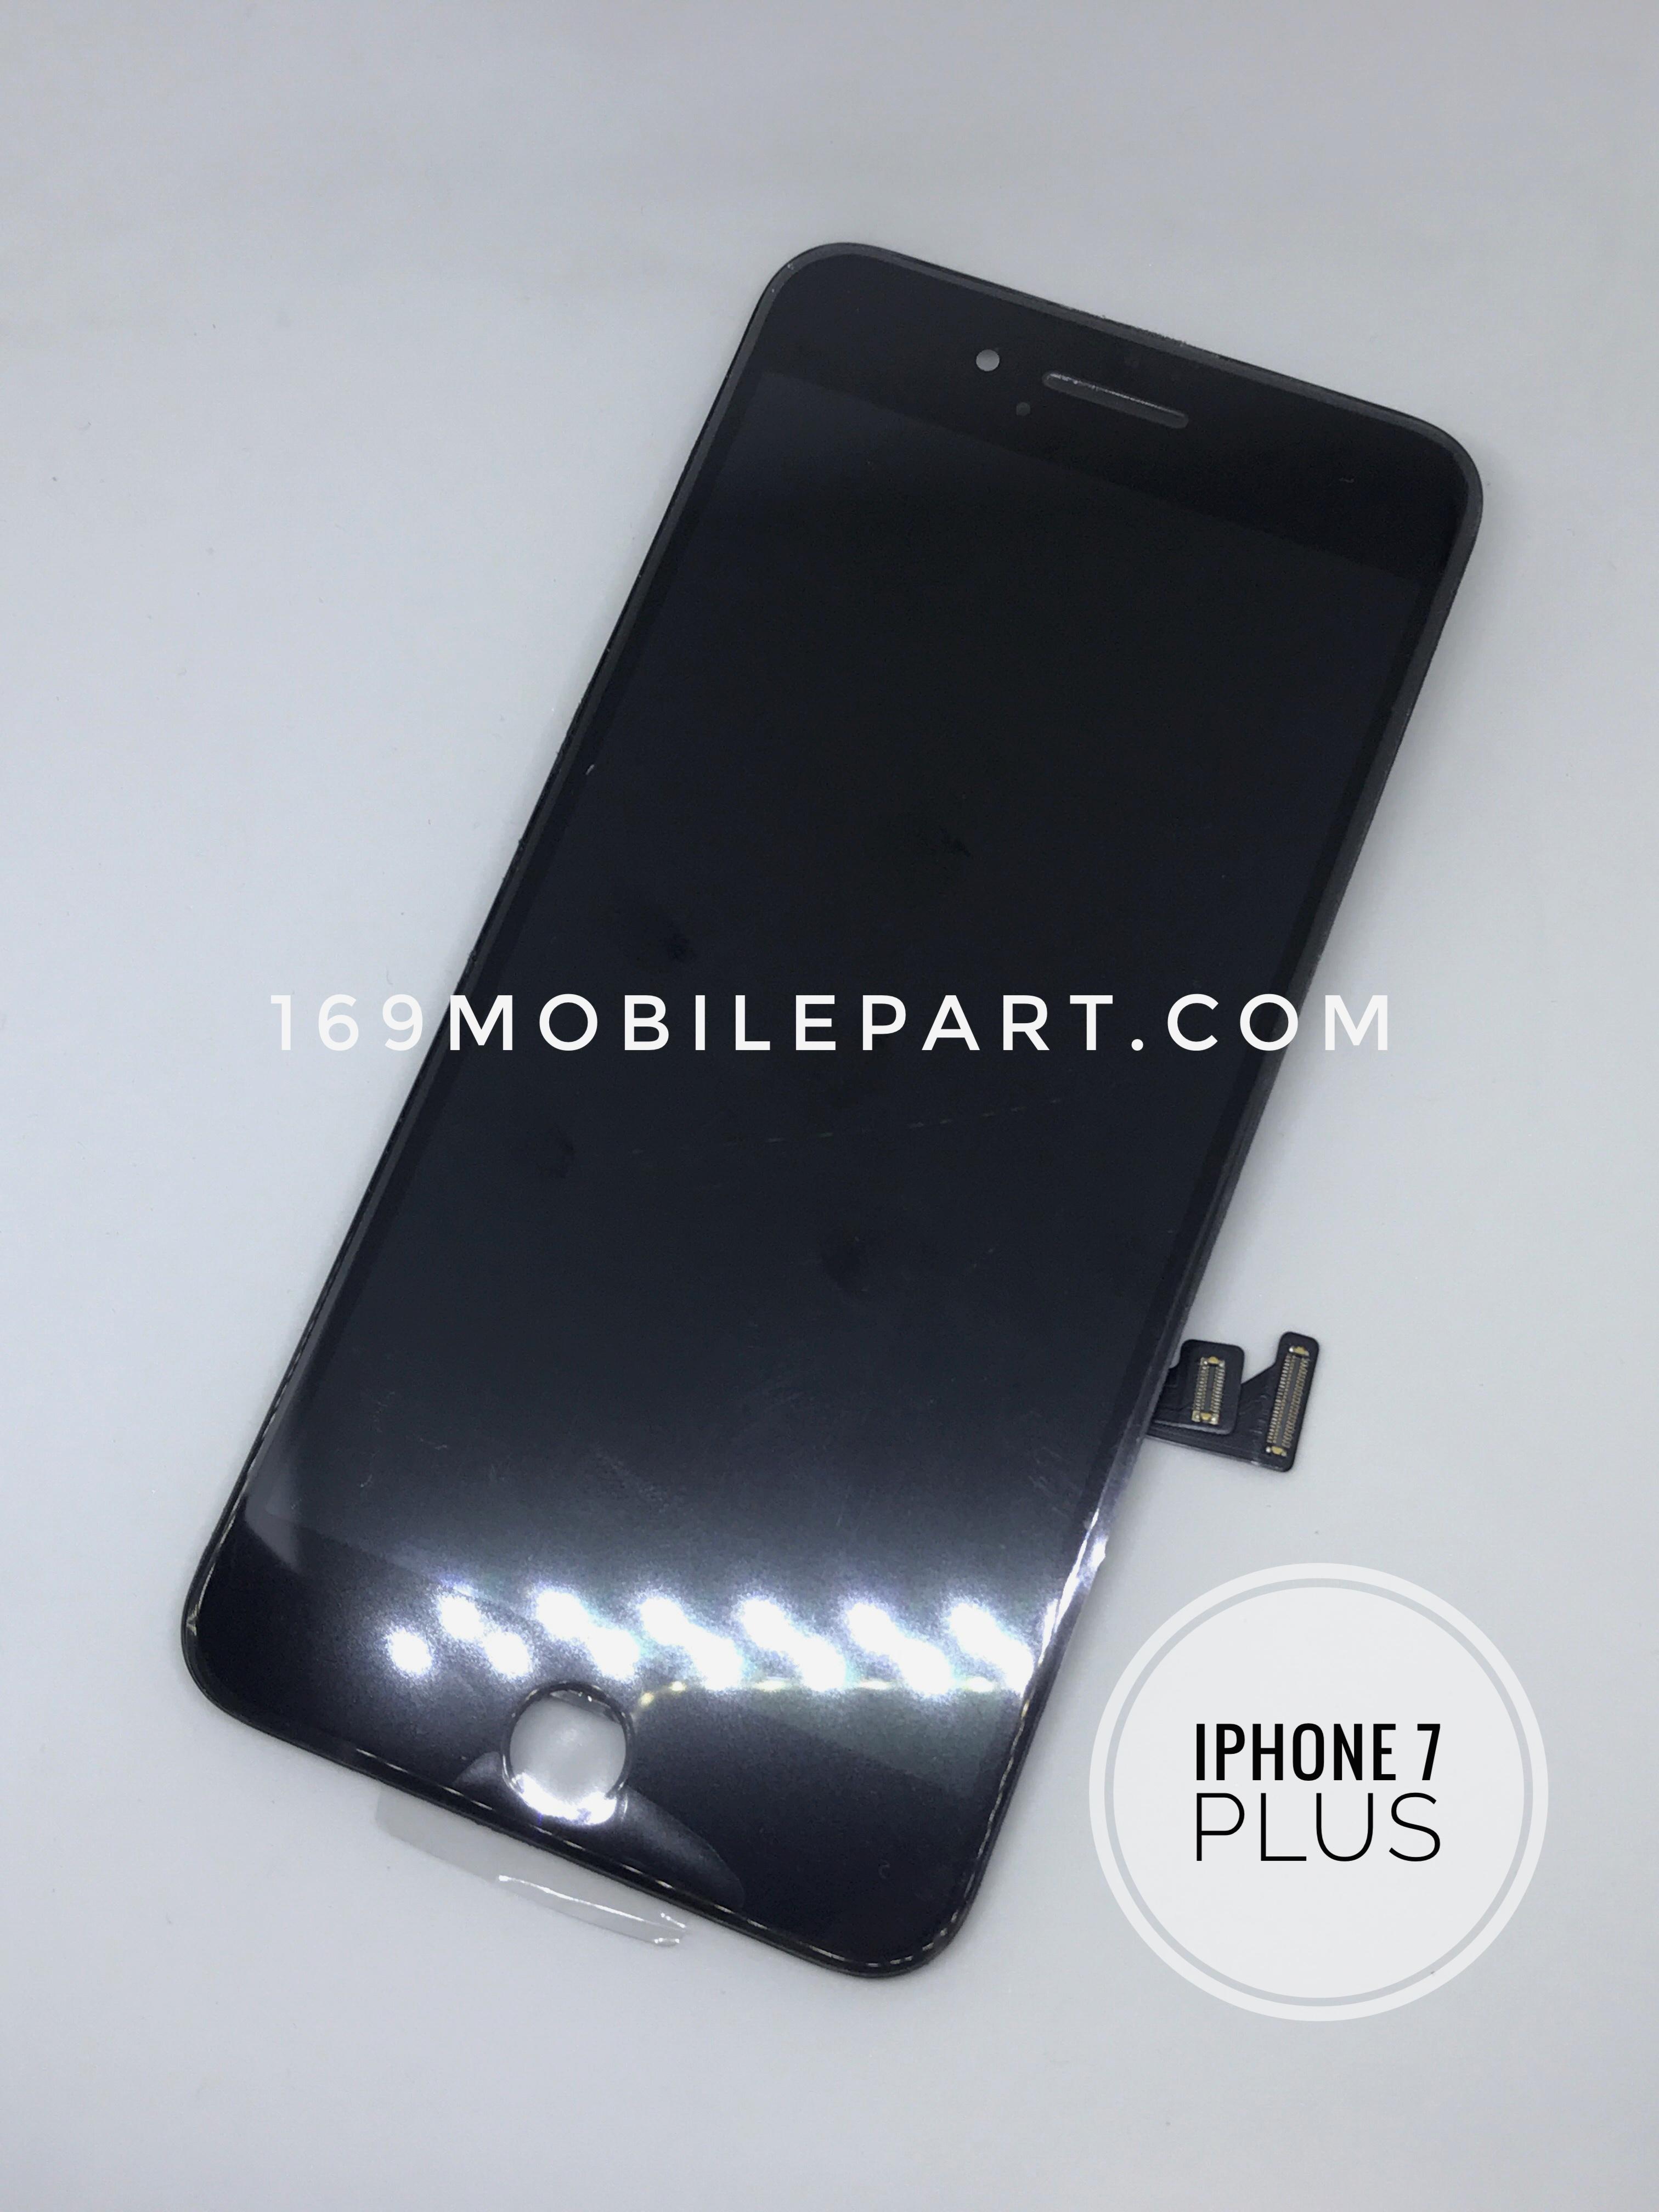 หน้าจอ iPhone 7 PLUS สีดำ(เกรด A) 3D Touch